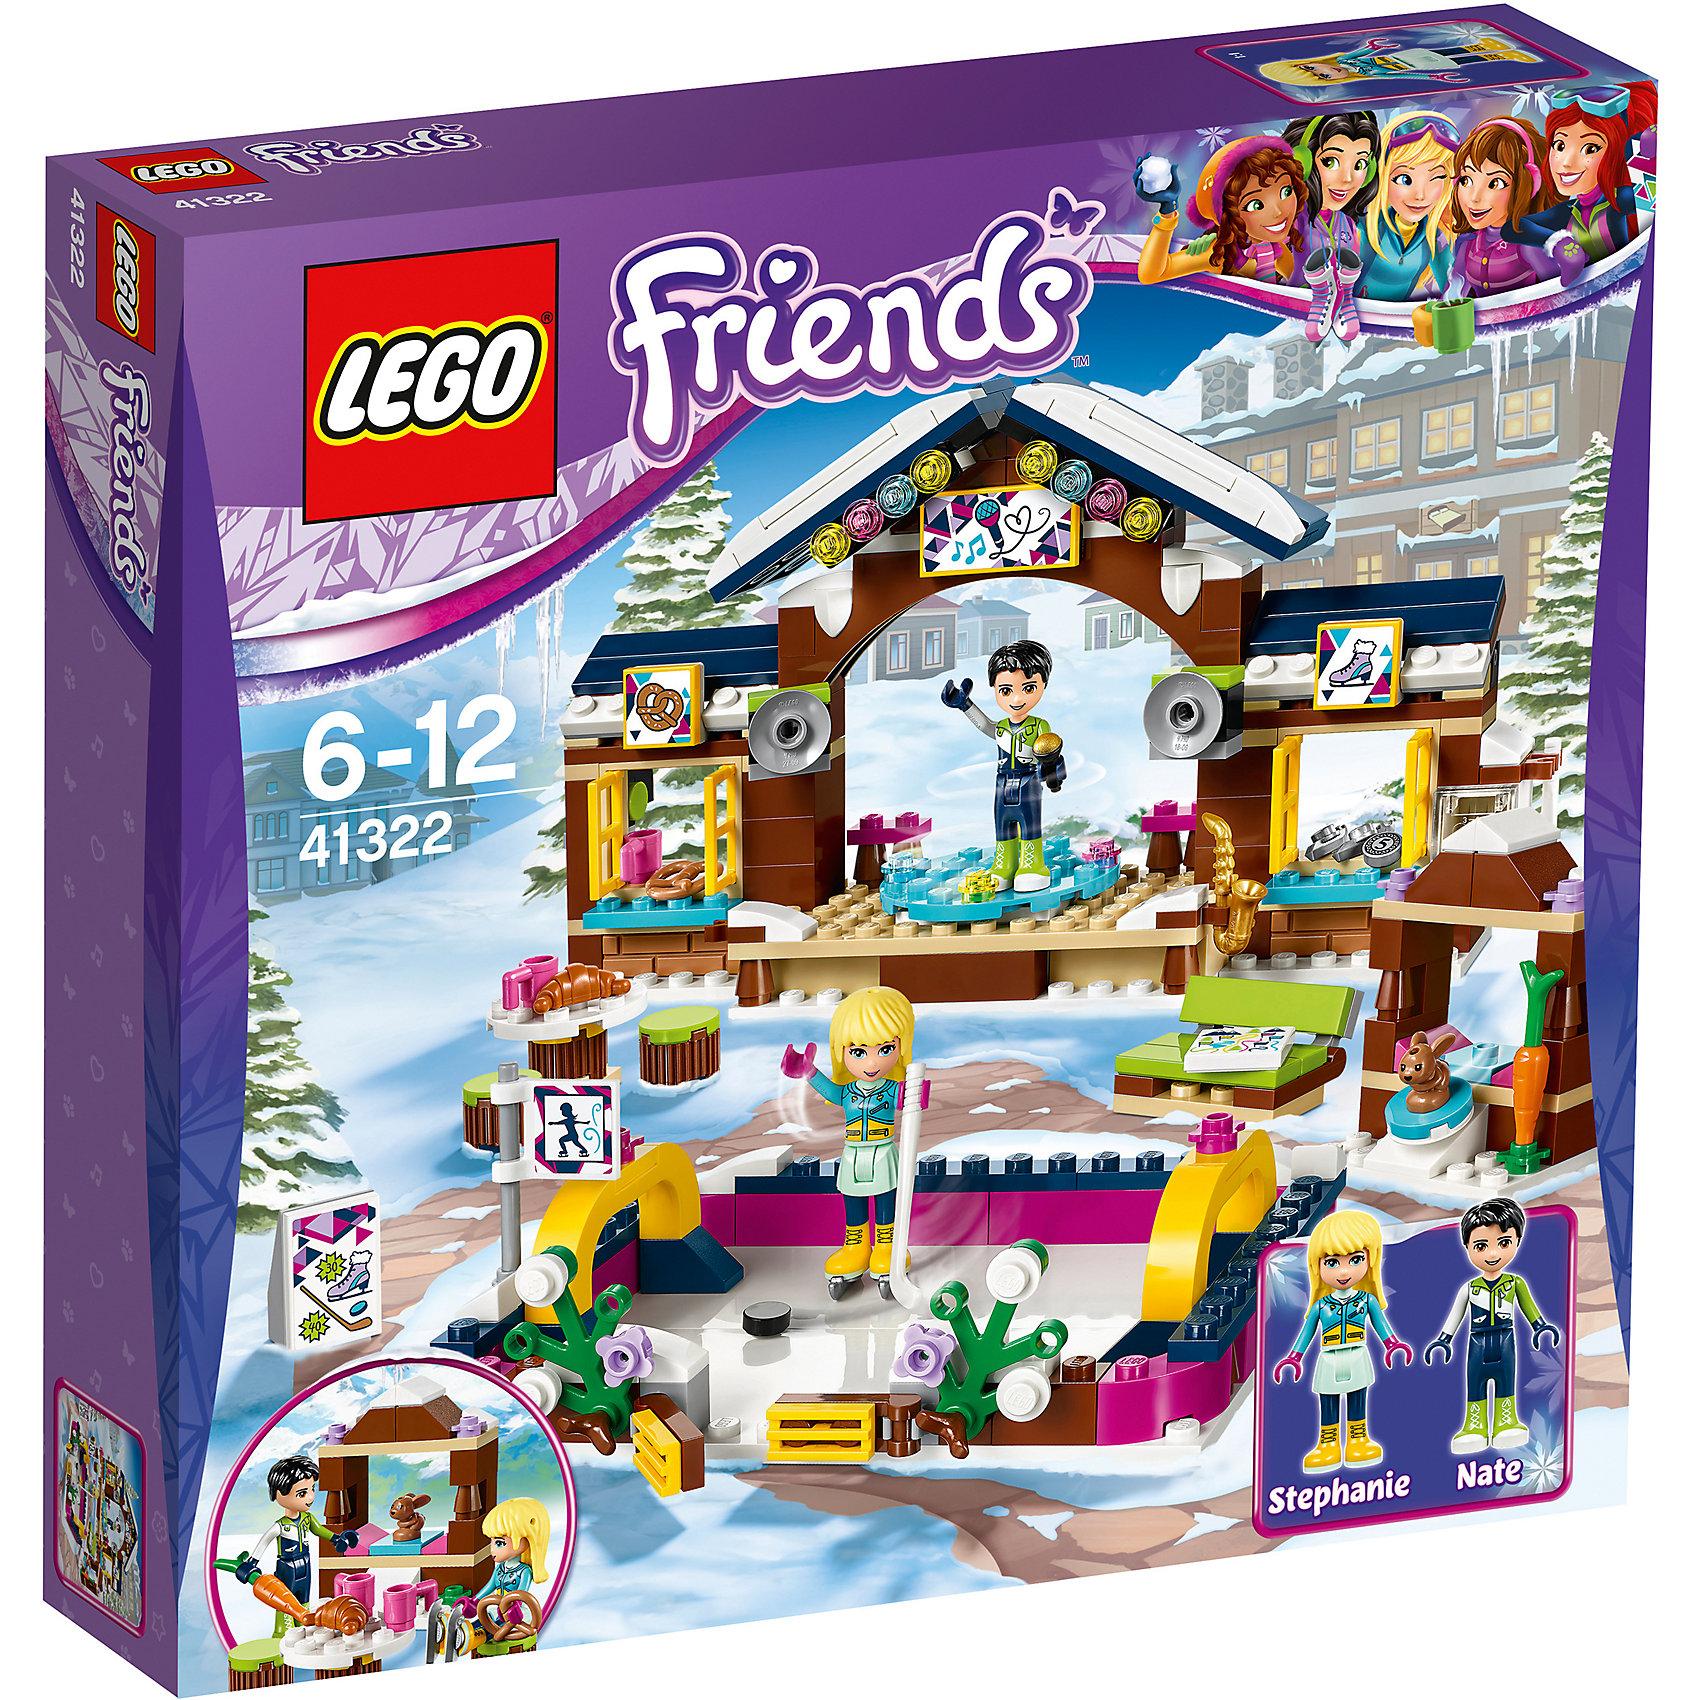 LEGO Friends 41322: Горнолыжный курорт: катокПластмассовые конструкторы<br><br><br>Ширина мм: 279<br>Глубина мм: 261<br>Высота мм: 63<br>Вес г: 476<br>Возраст от месяцев: 72<br>Возраст до месяцев: 144<br>Пол: Женский<br>Возраст: Детский<br>SKU: 5620044